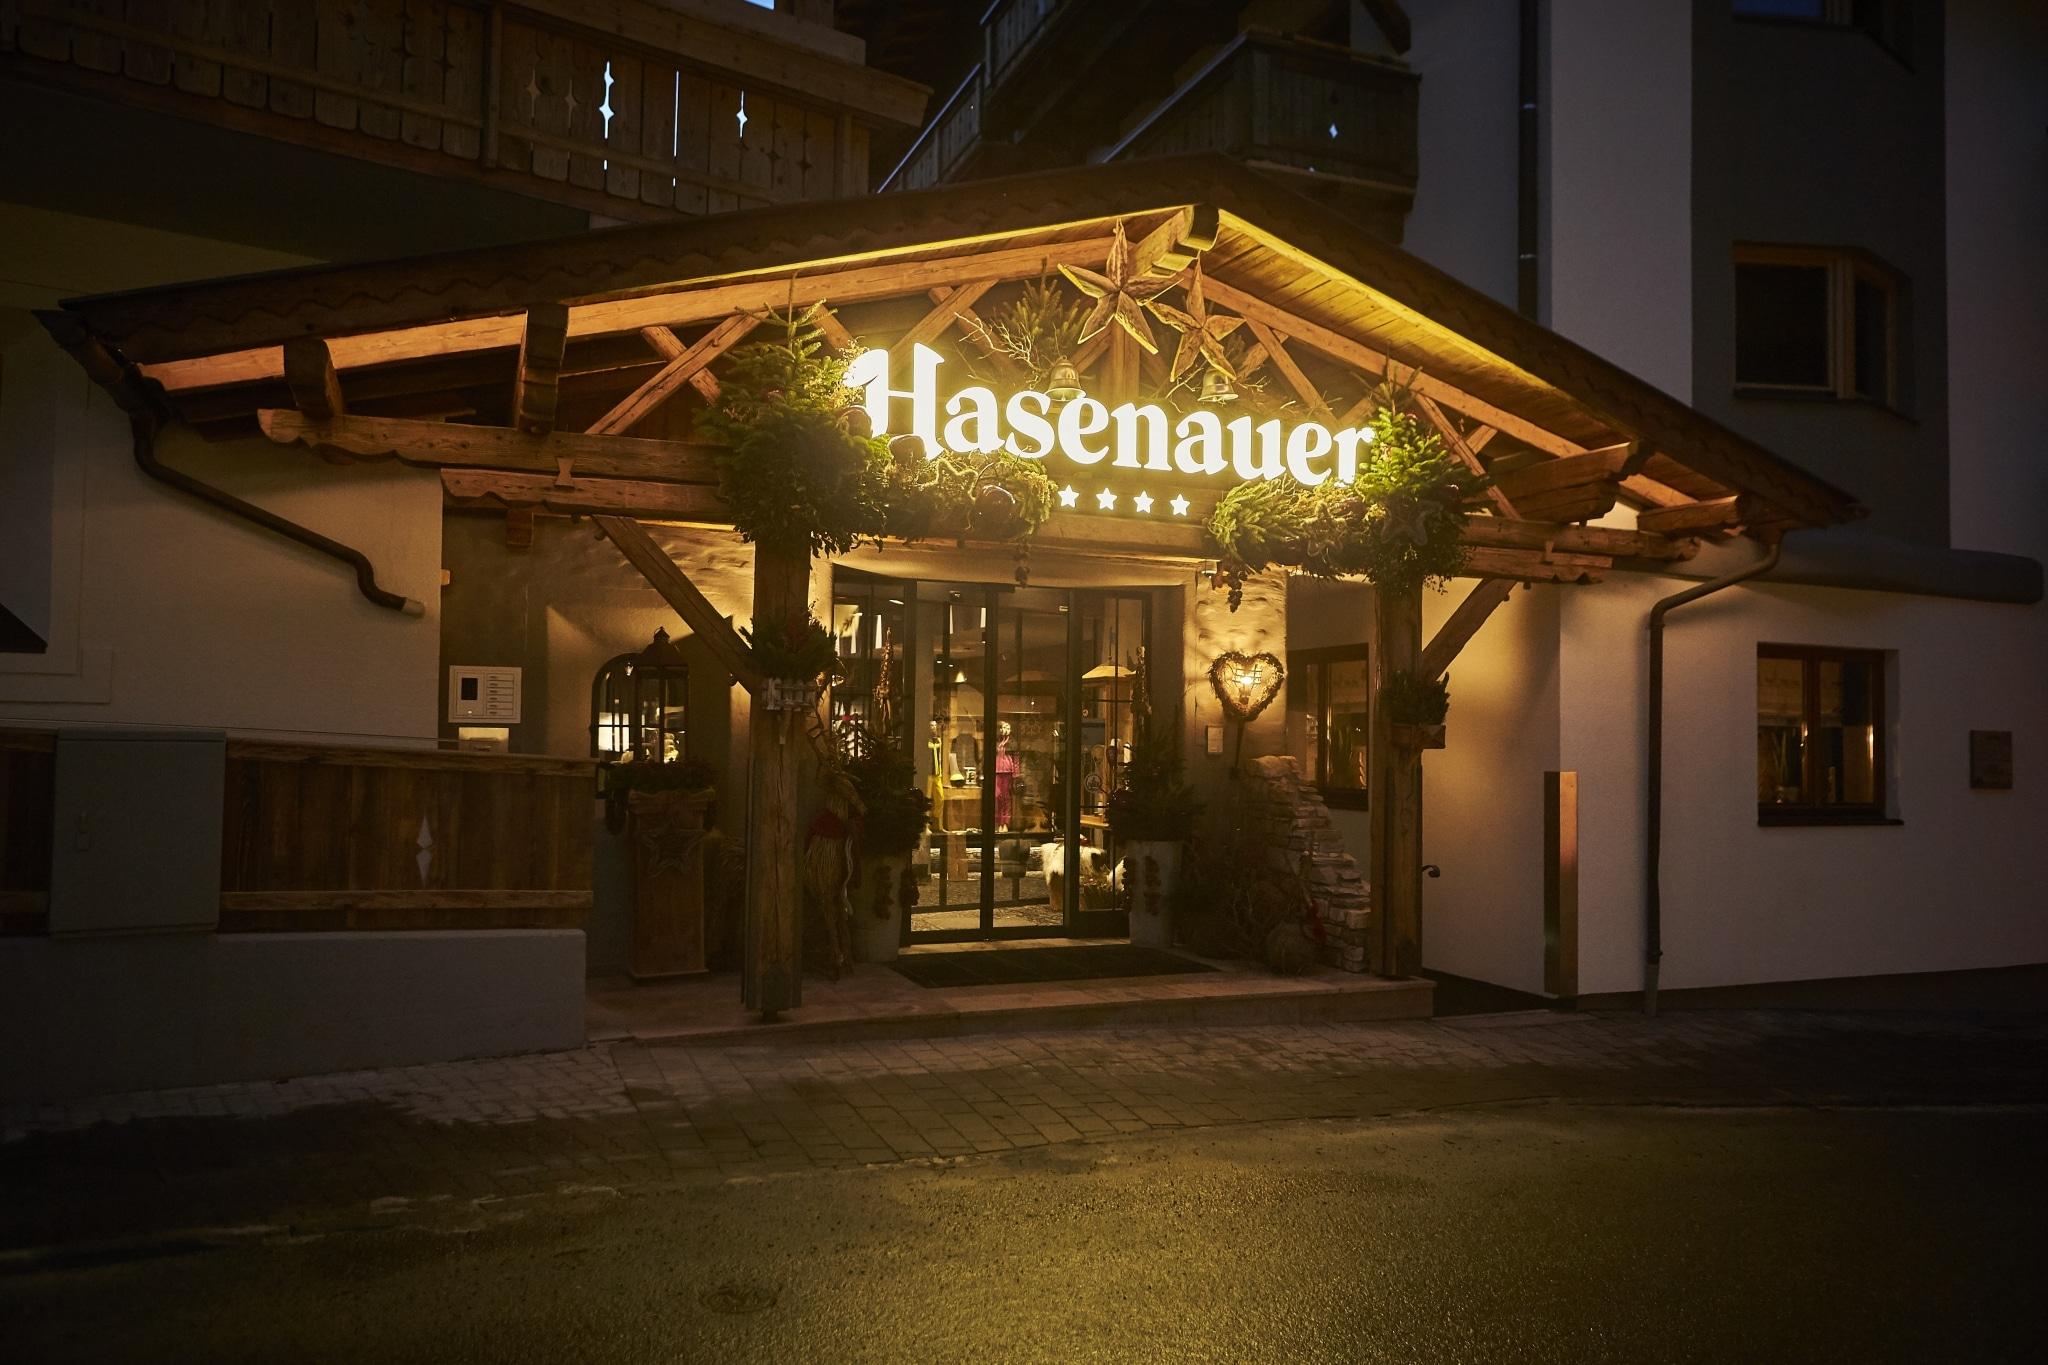 Der Eingangsbereich vom Hotel Hasenauer mit Winterdekoration geschmückt